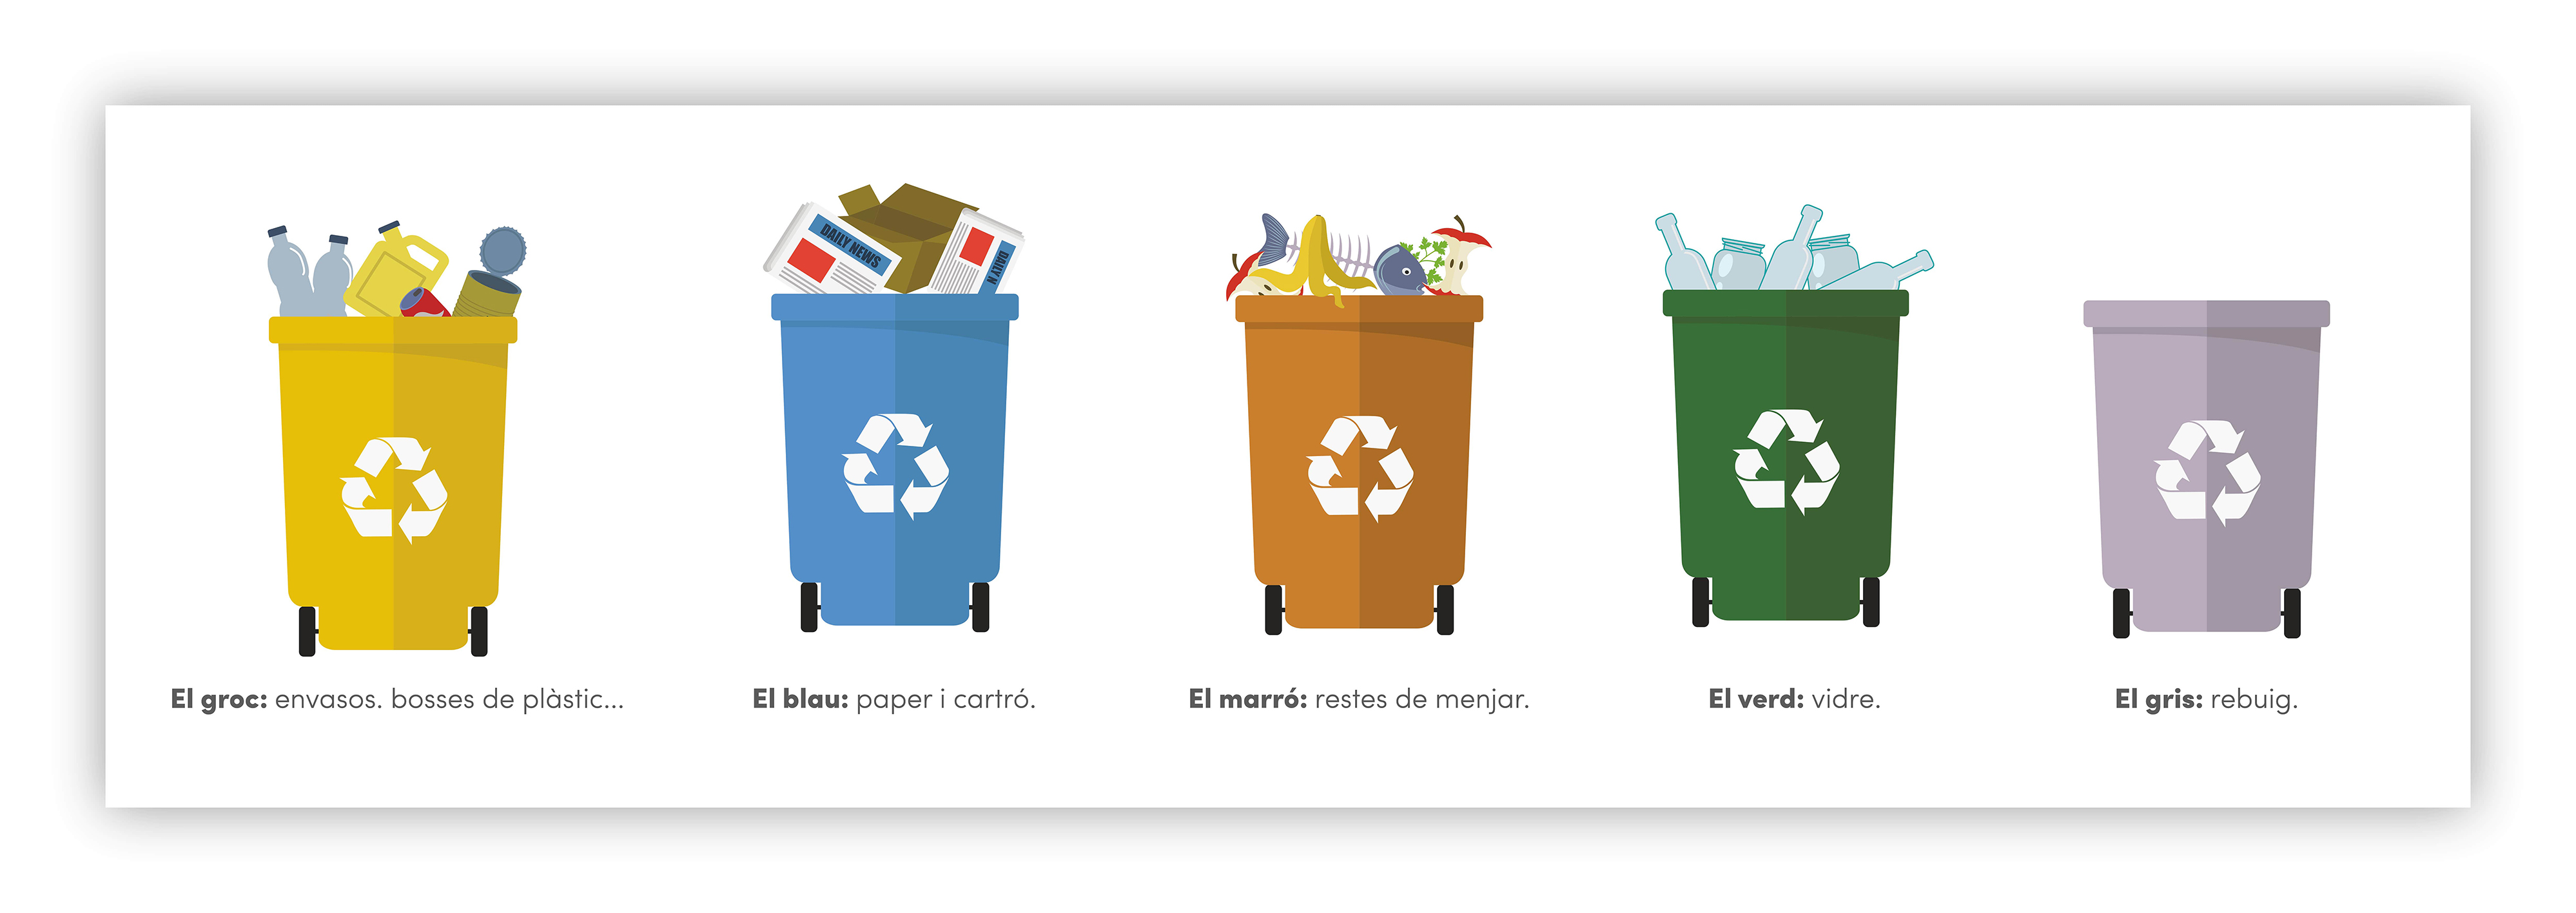 reciclatge web-min